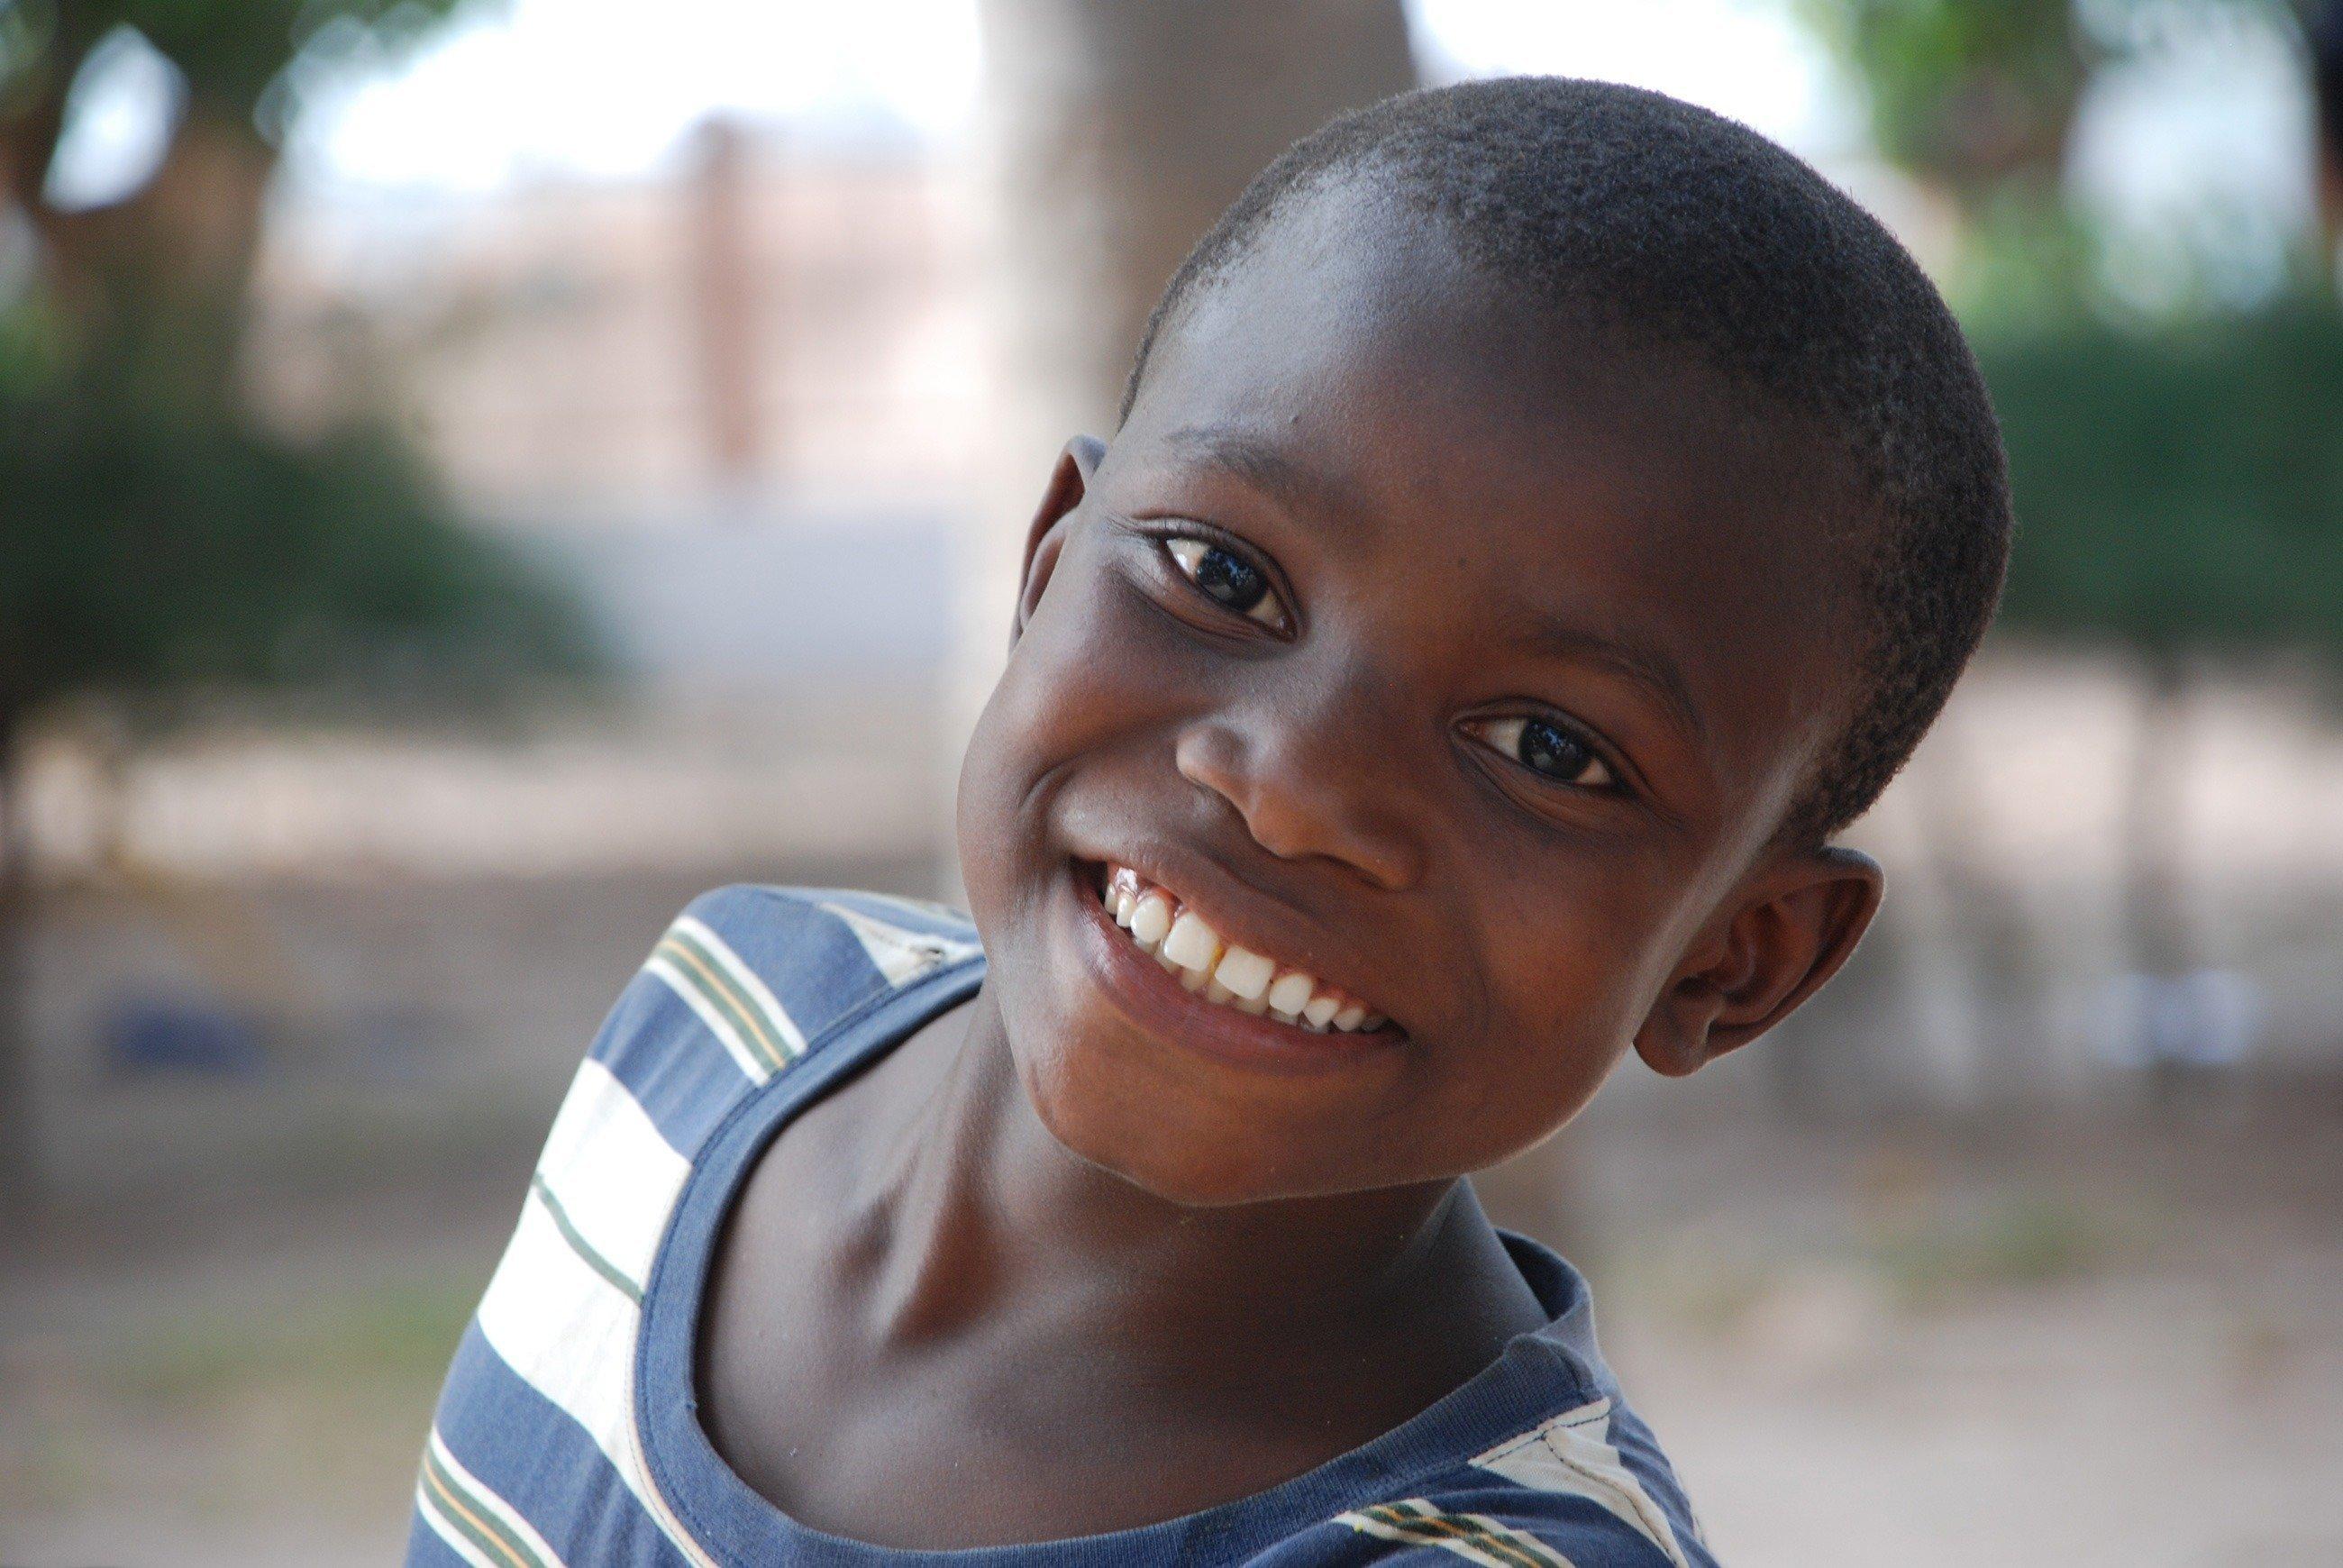 Un bambino allegro sorride all'obiettivo.